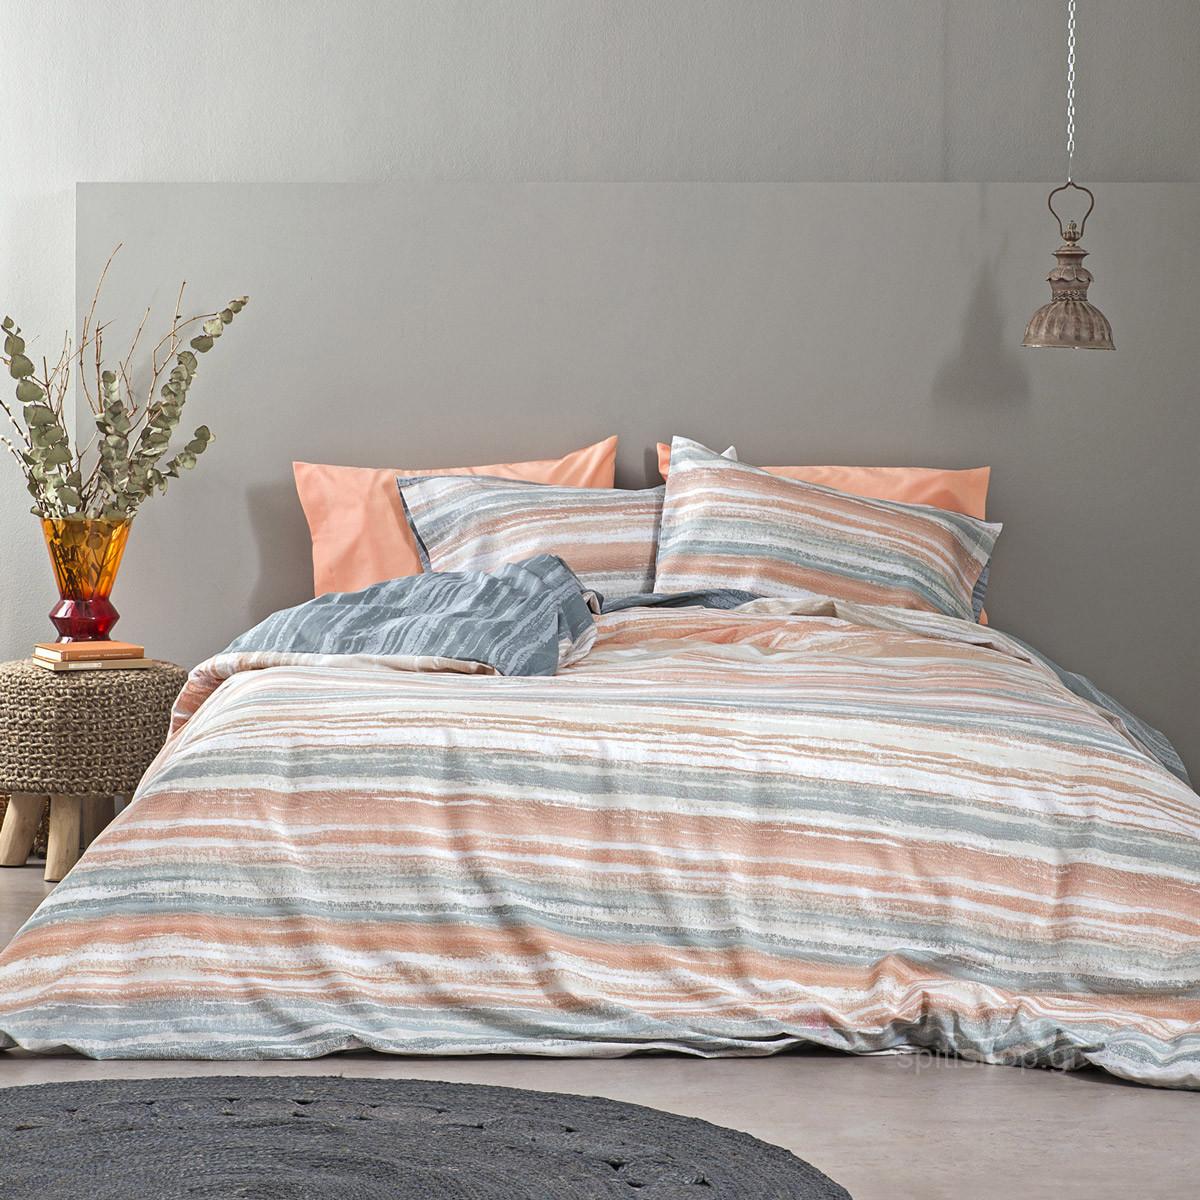 Παπλωματοθήκη Υπέρδιπλη (Σετ) Nima Bed Linen Softwood Salmon